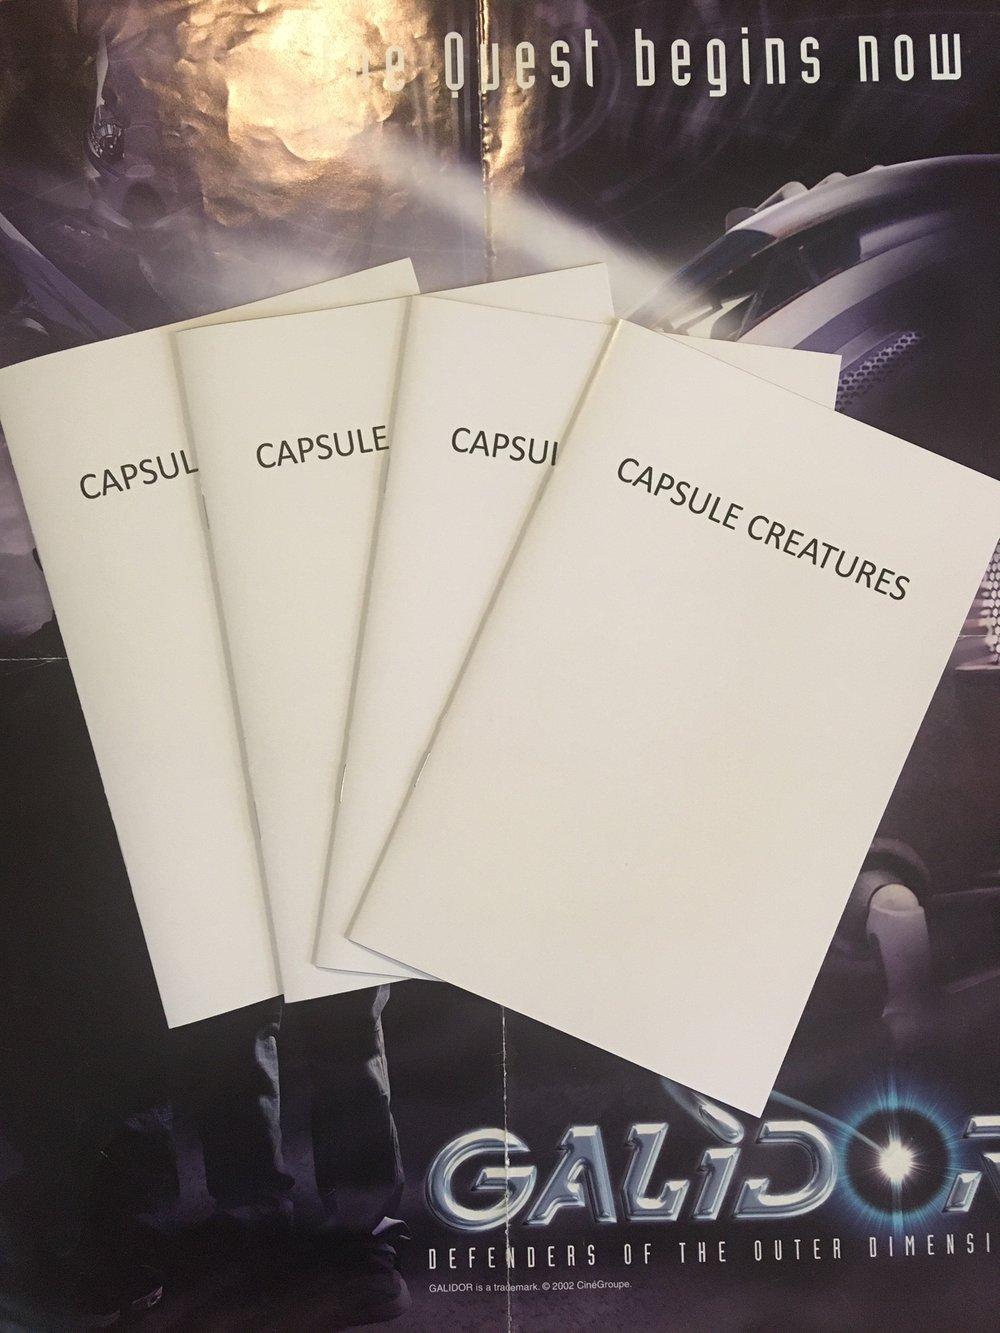 Capsule Creatures